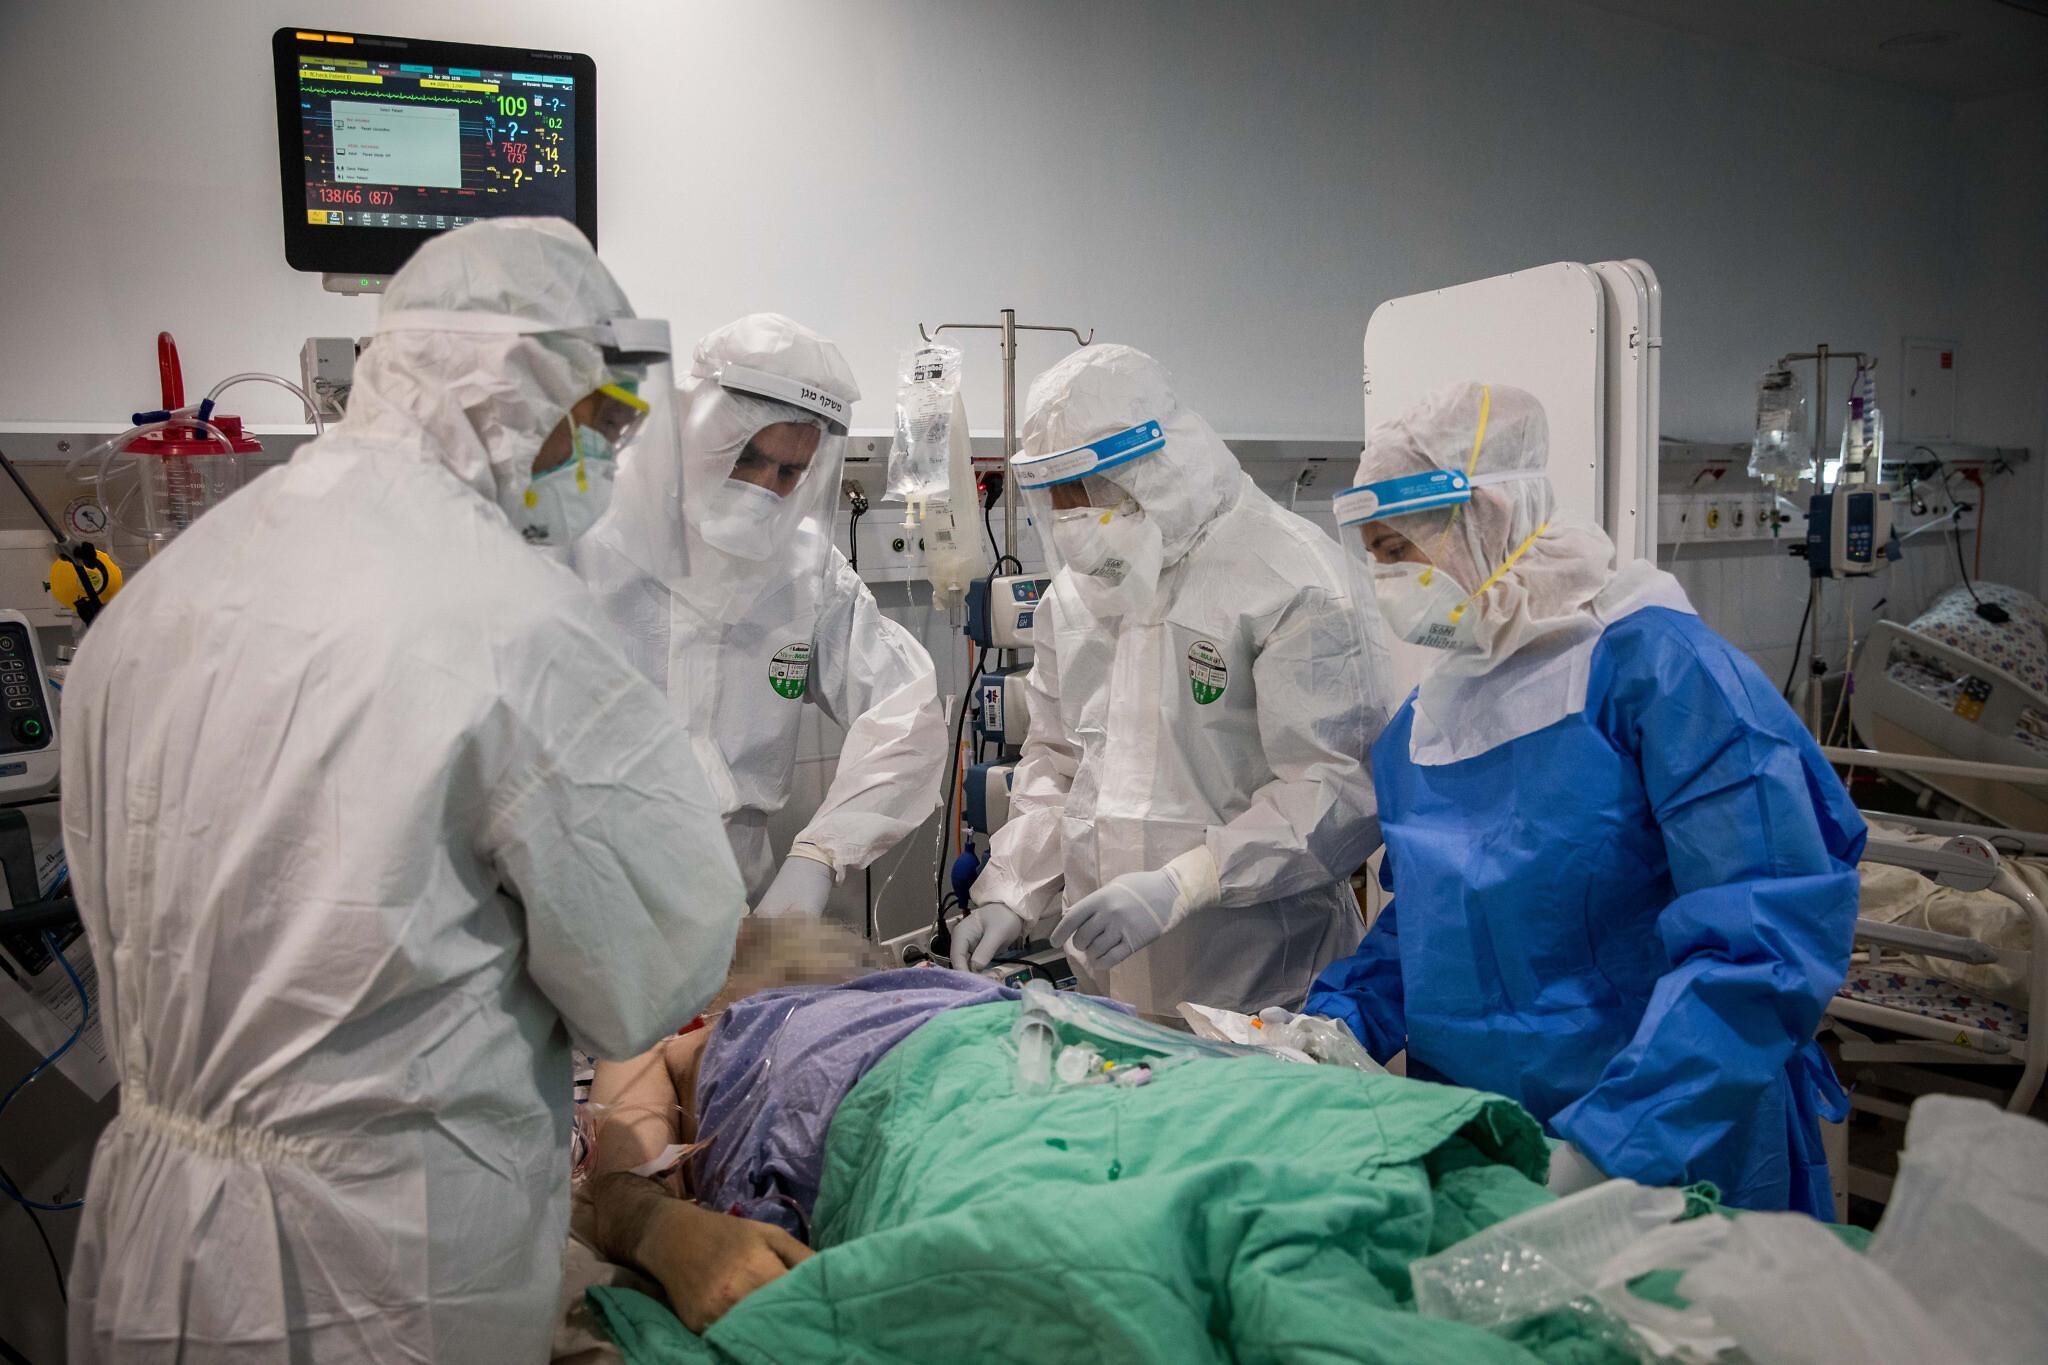 Négy izraeli kórházban már beteltek a koronavírus-osztályok